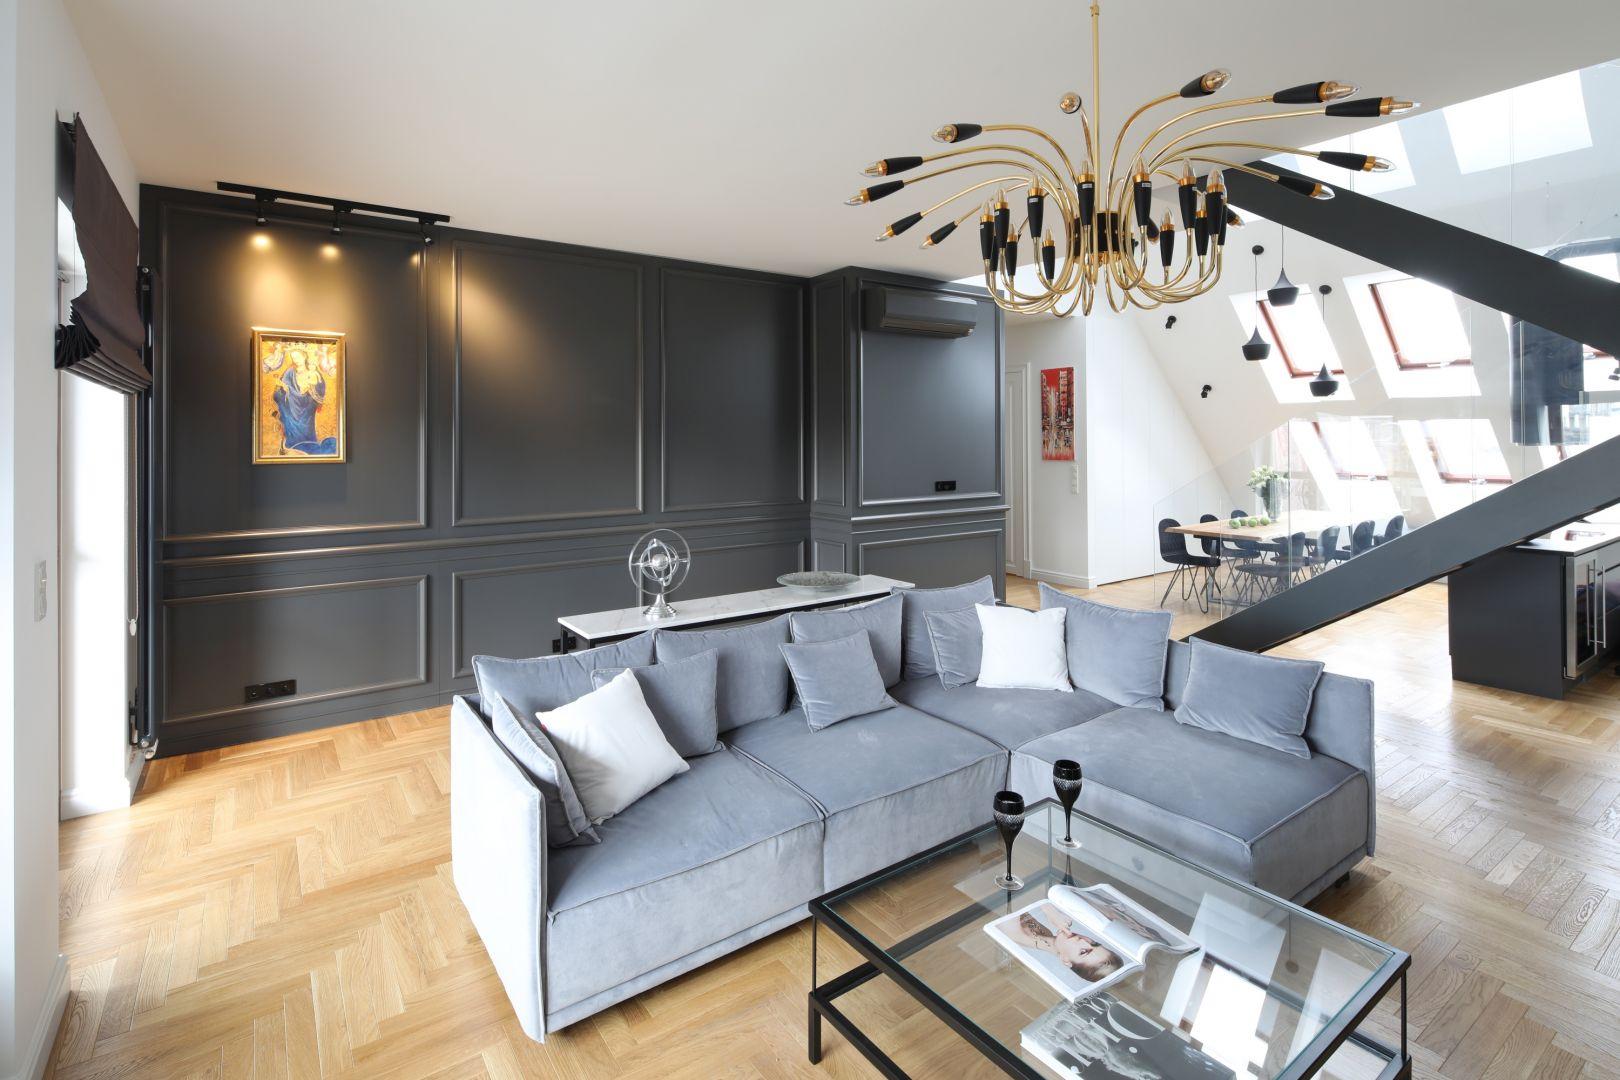 Złoty majestatyczny żyrandol podkreśla neoklasyczny charakter aranżacji salonu. Projekt Katarzyna Mikulska-Sękalska. Fot. Bartosz Jarosz